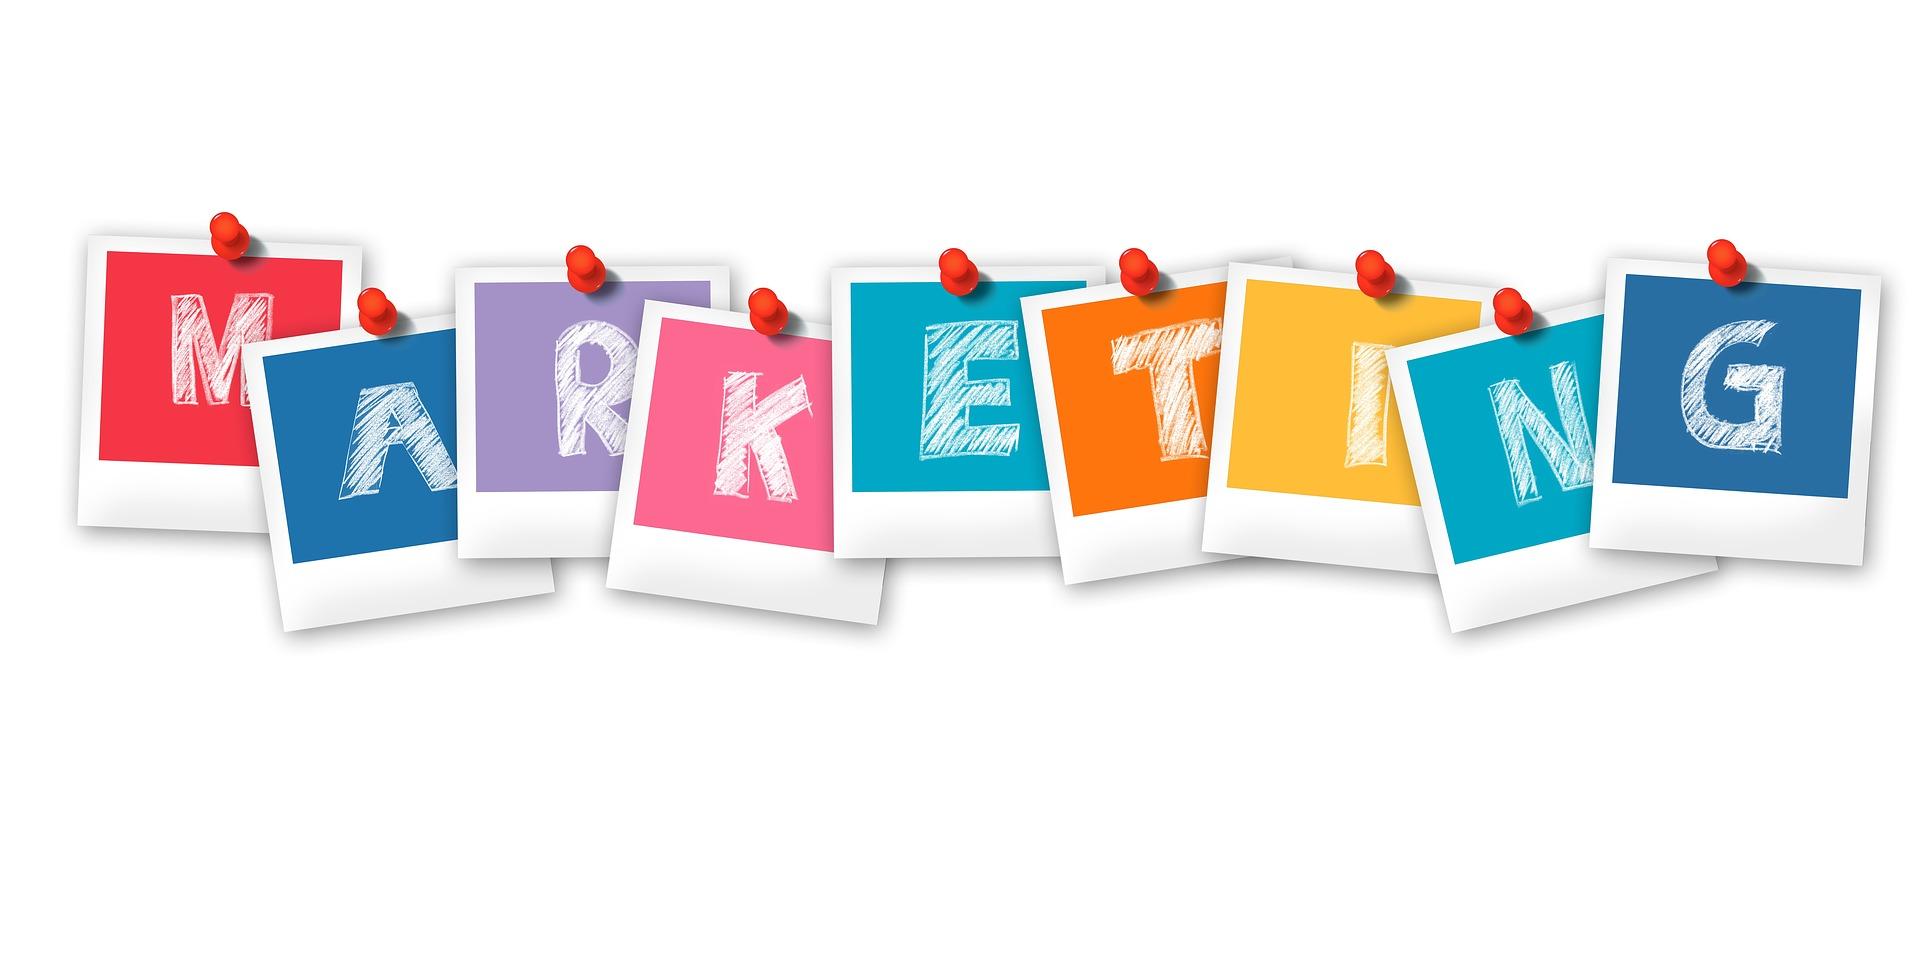 Marketing nieruchomości wystawionej na sprzedaż - ale po co to?